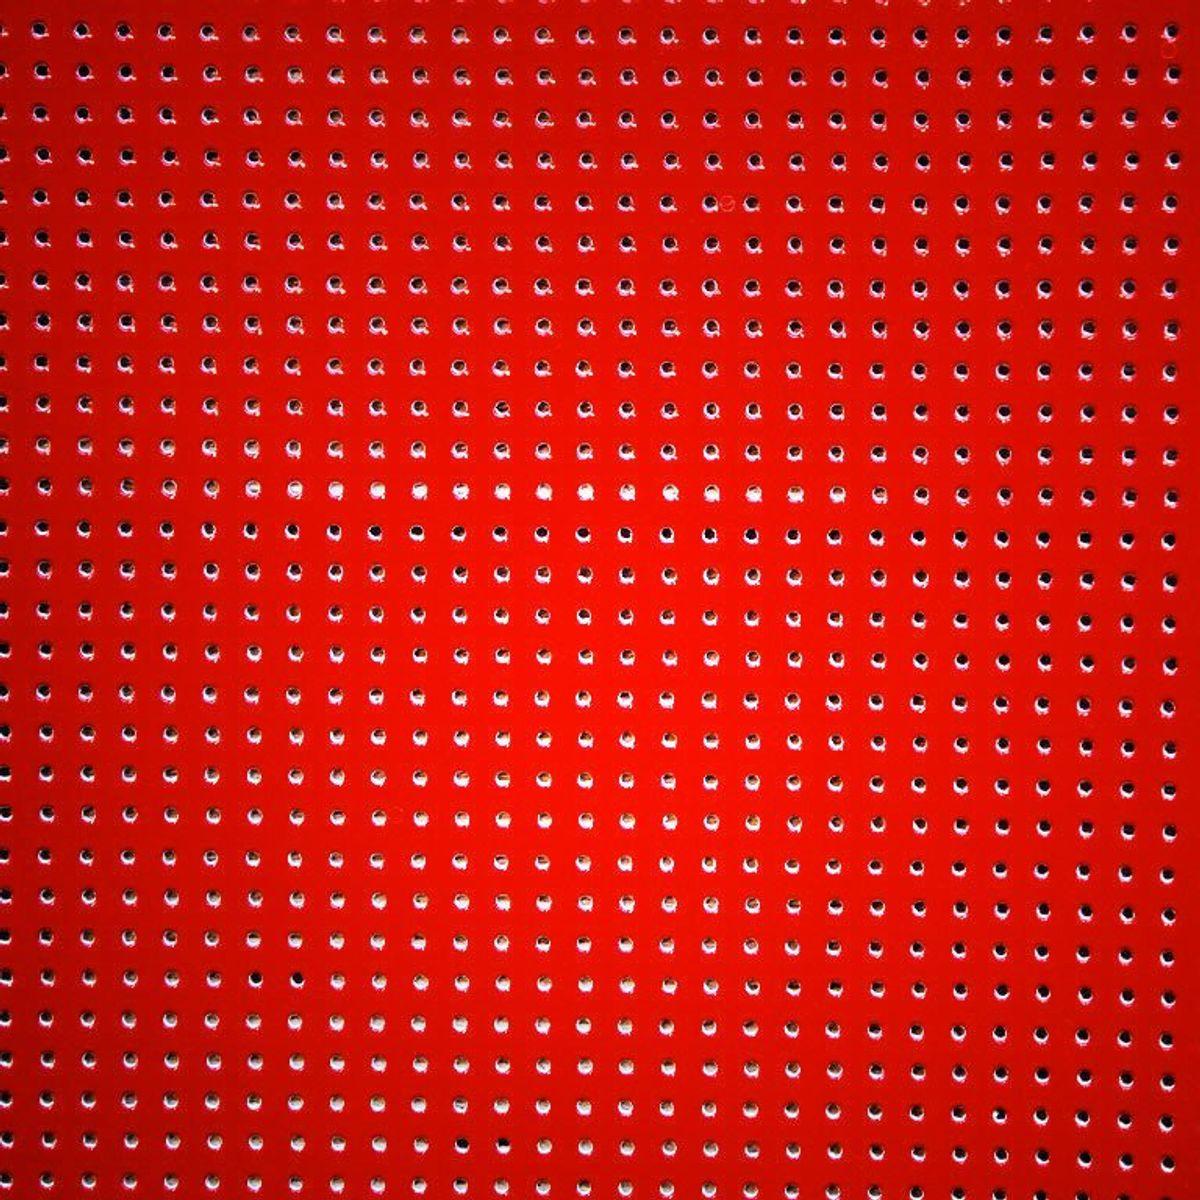 Vinyle laqué perforé - Rouge